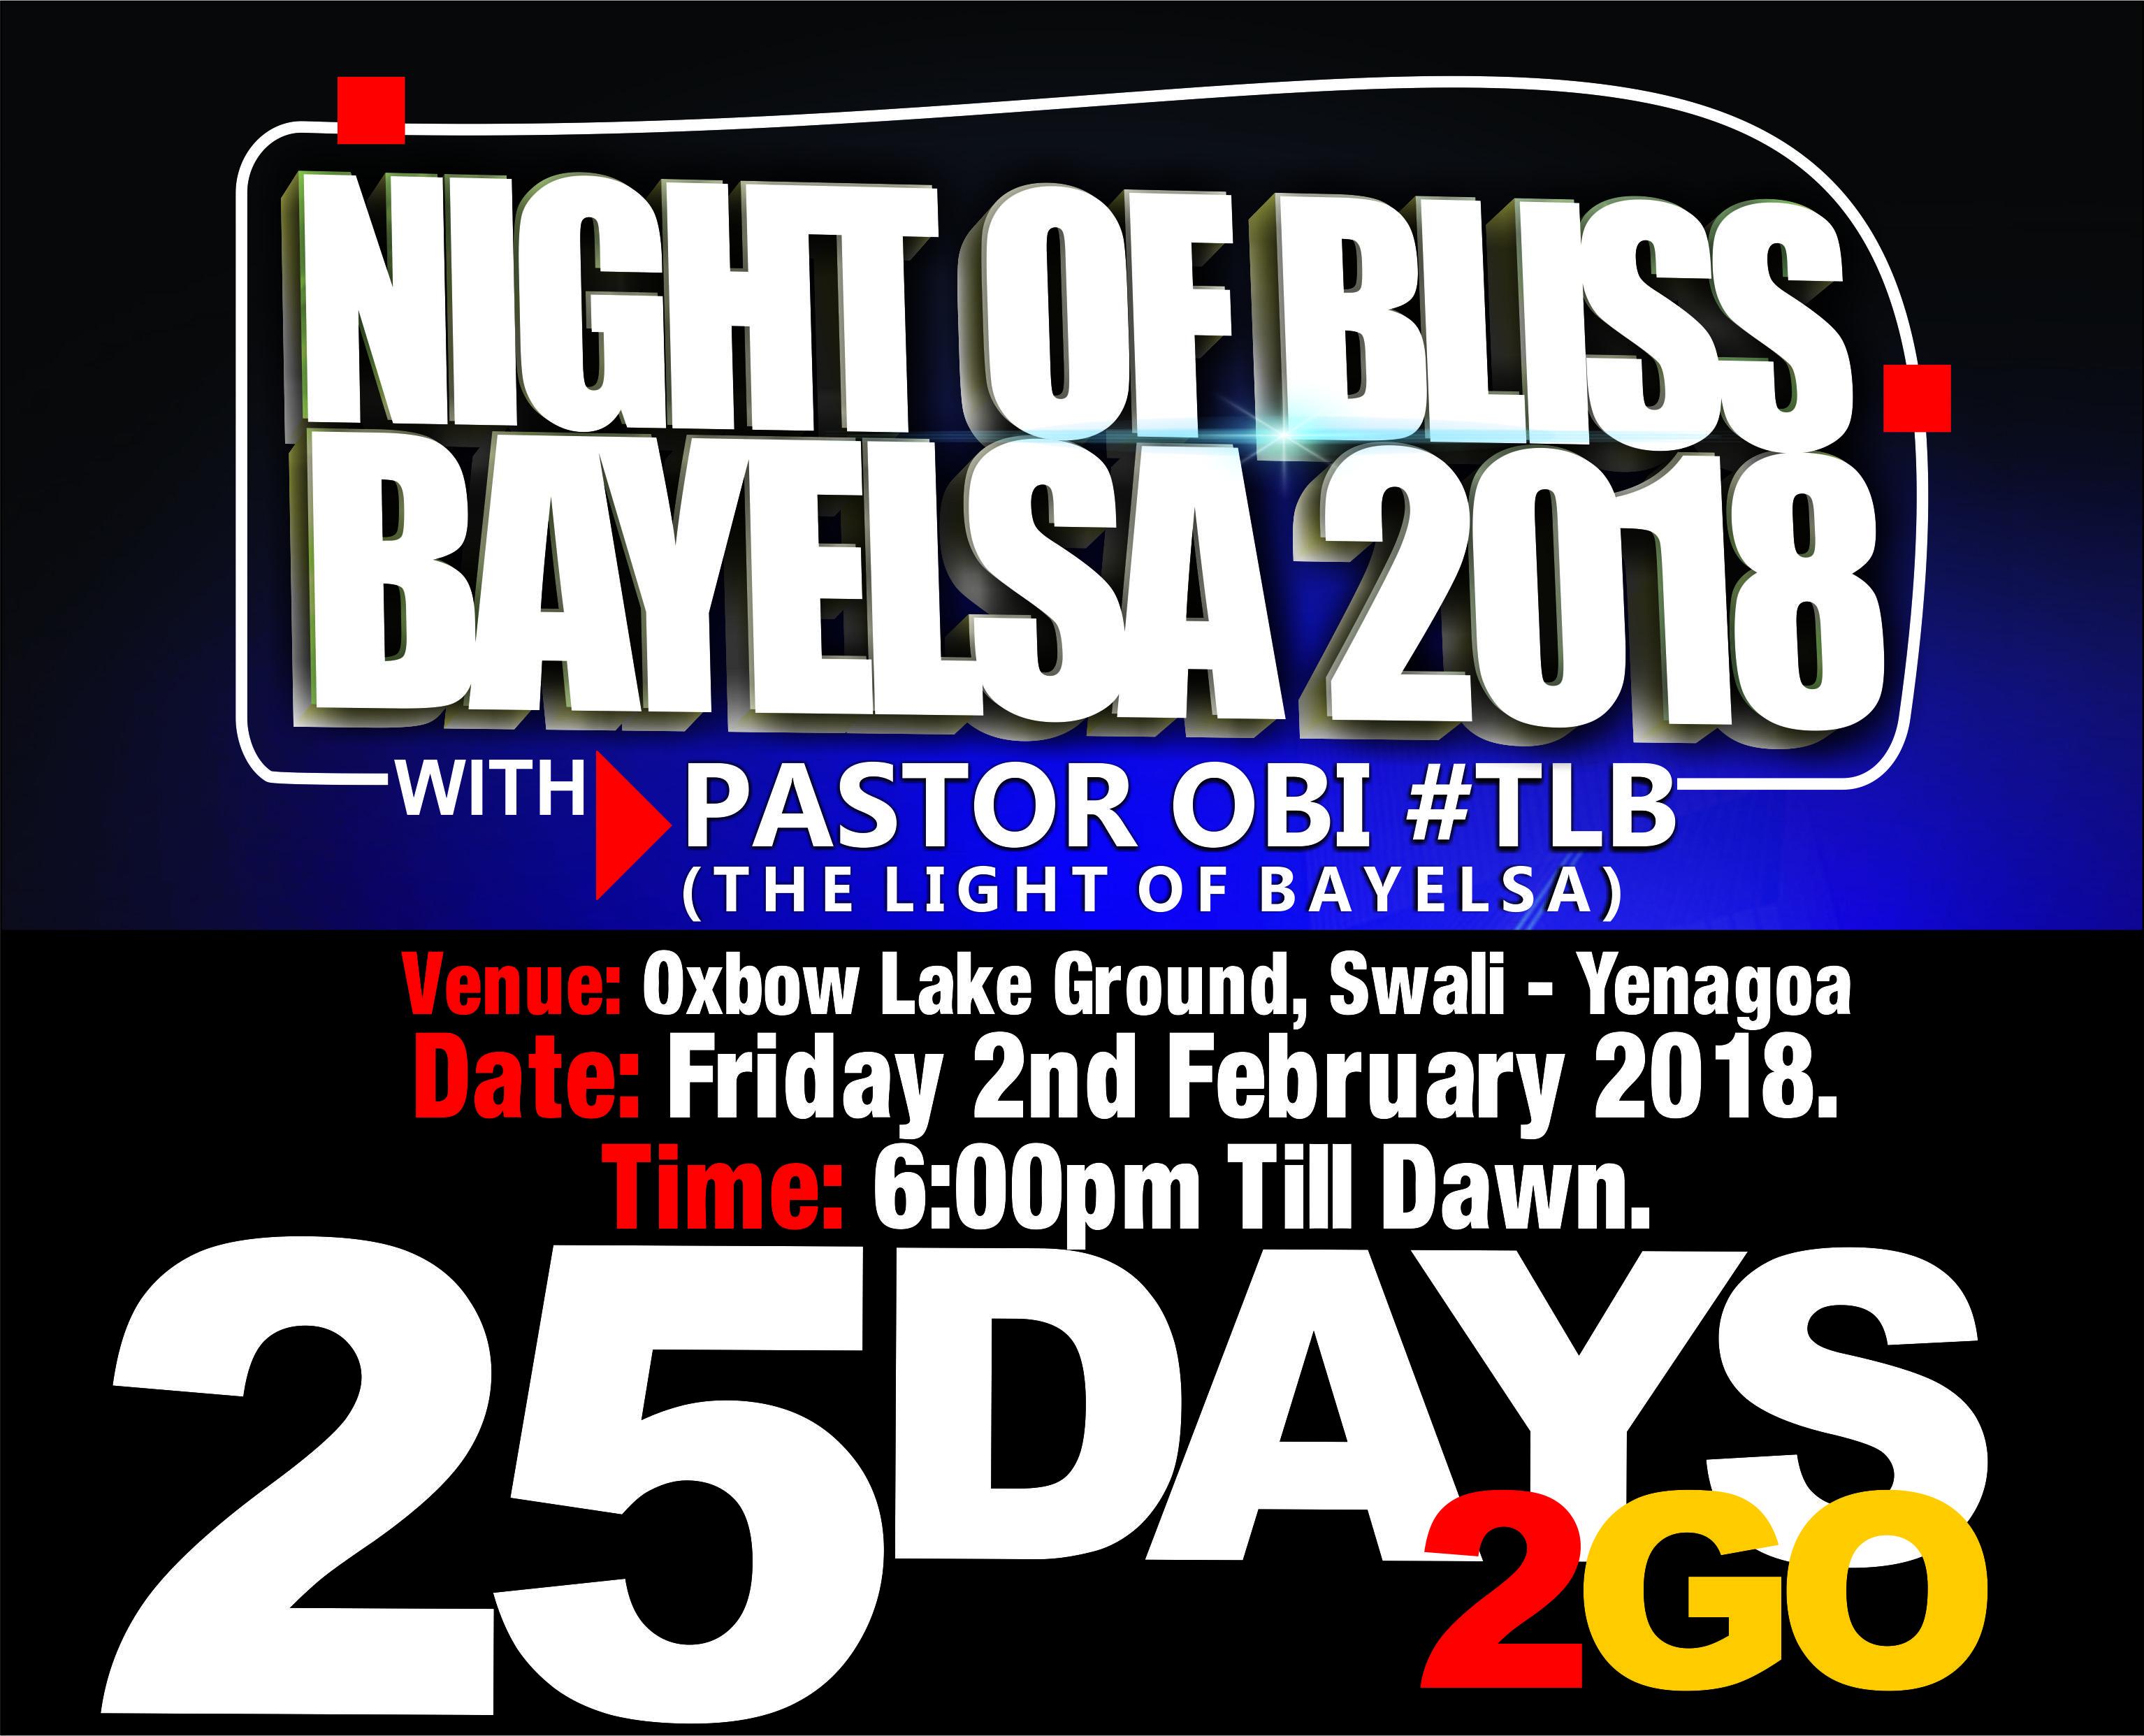 #nightofblissbayelsa2018 .... its on. The